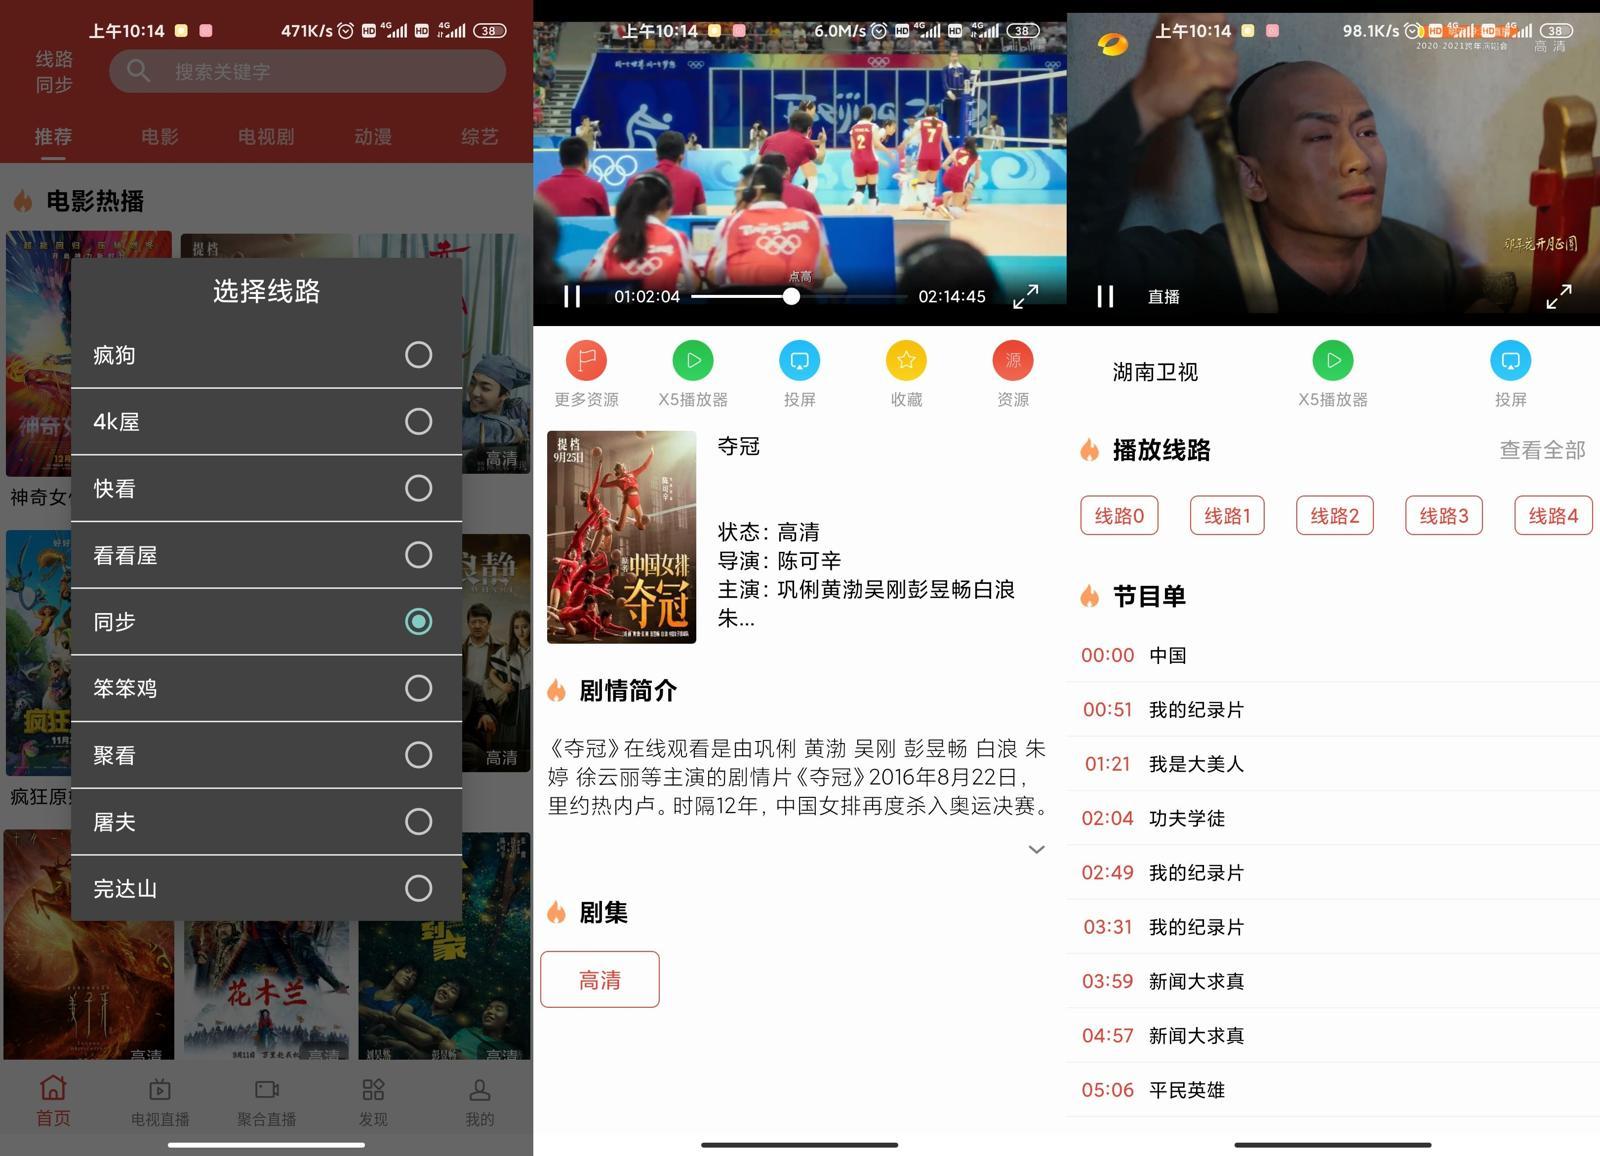 安卓汪汪影视appv1.7绿化版-云奇网